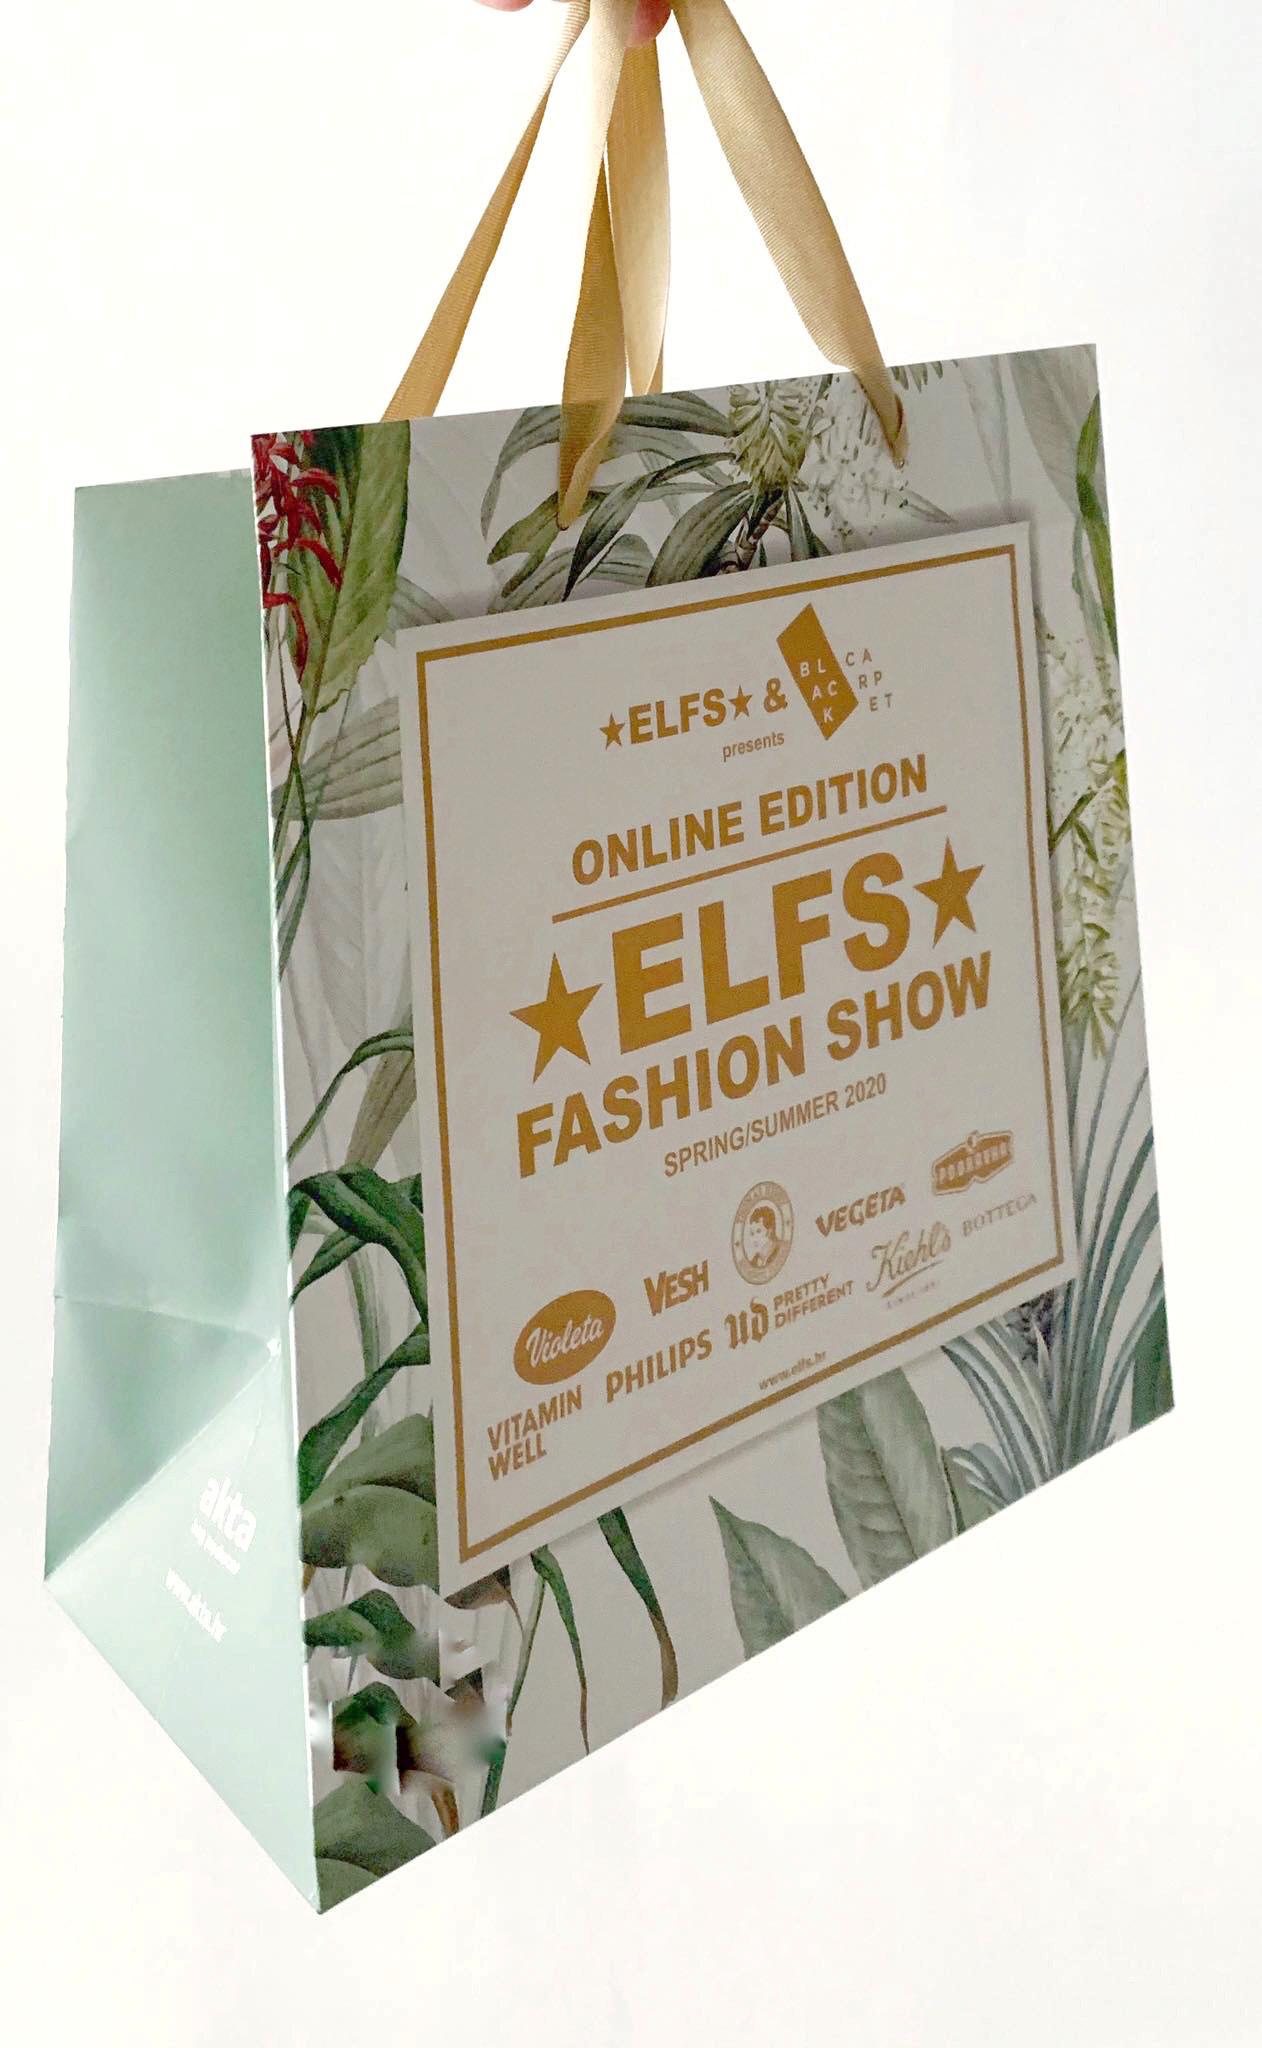 ELFS Online Fashion Show prikuplja sredstva za Hrabri telefon te najavljuje zanimljivu modnu panel raspravu